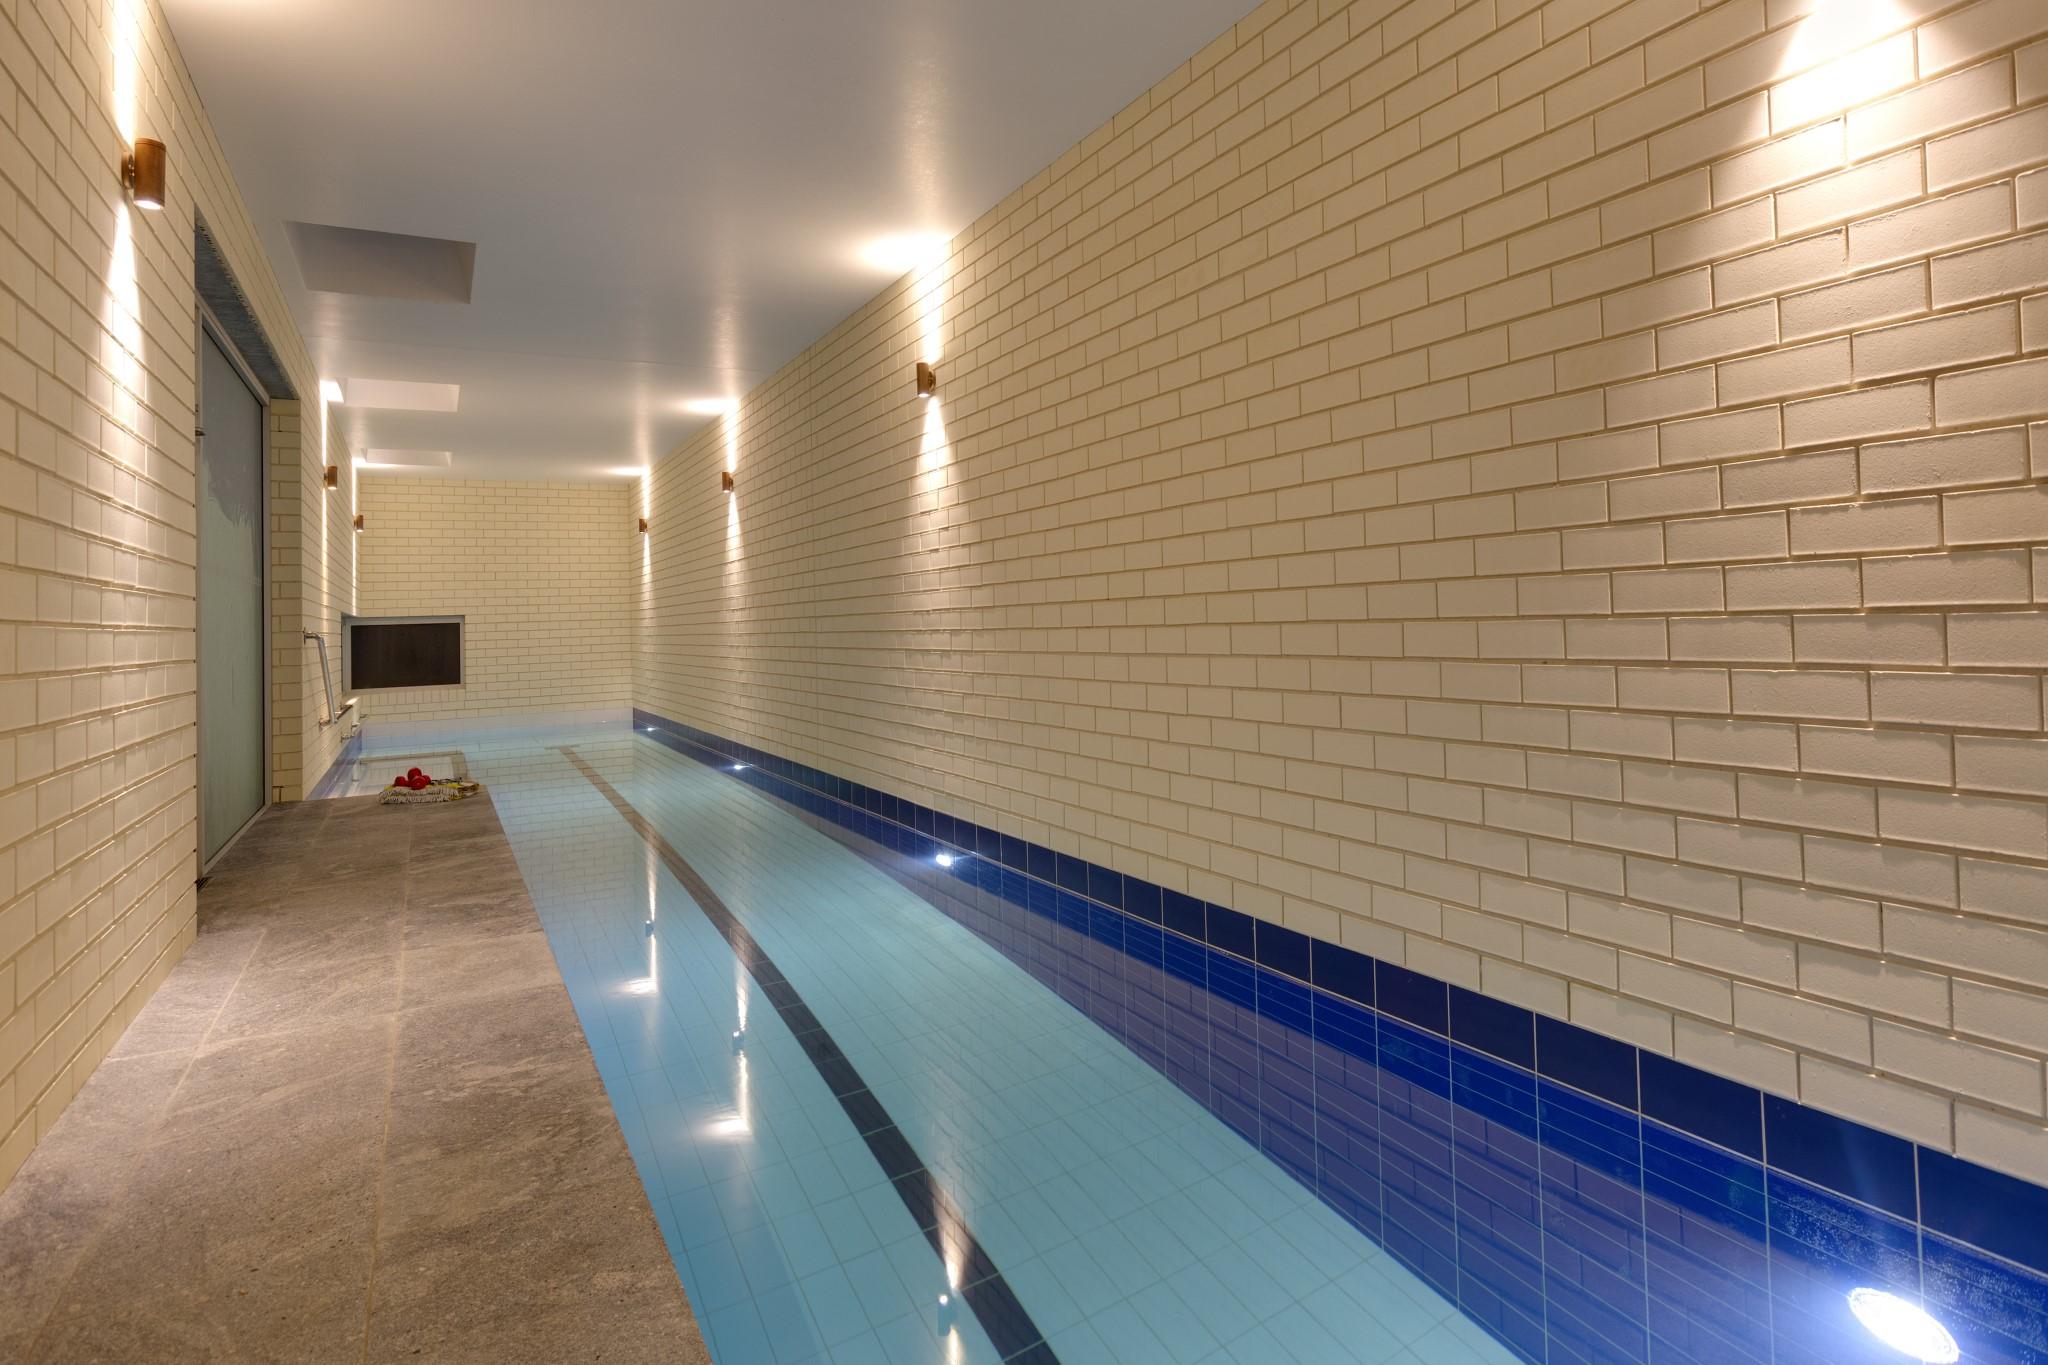 Fully Tiled Ceramic Lap Pool in Lane Cove